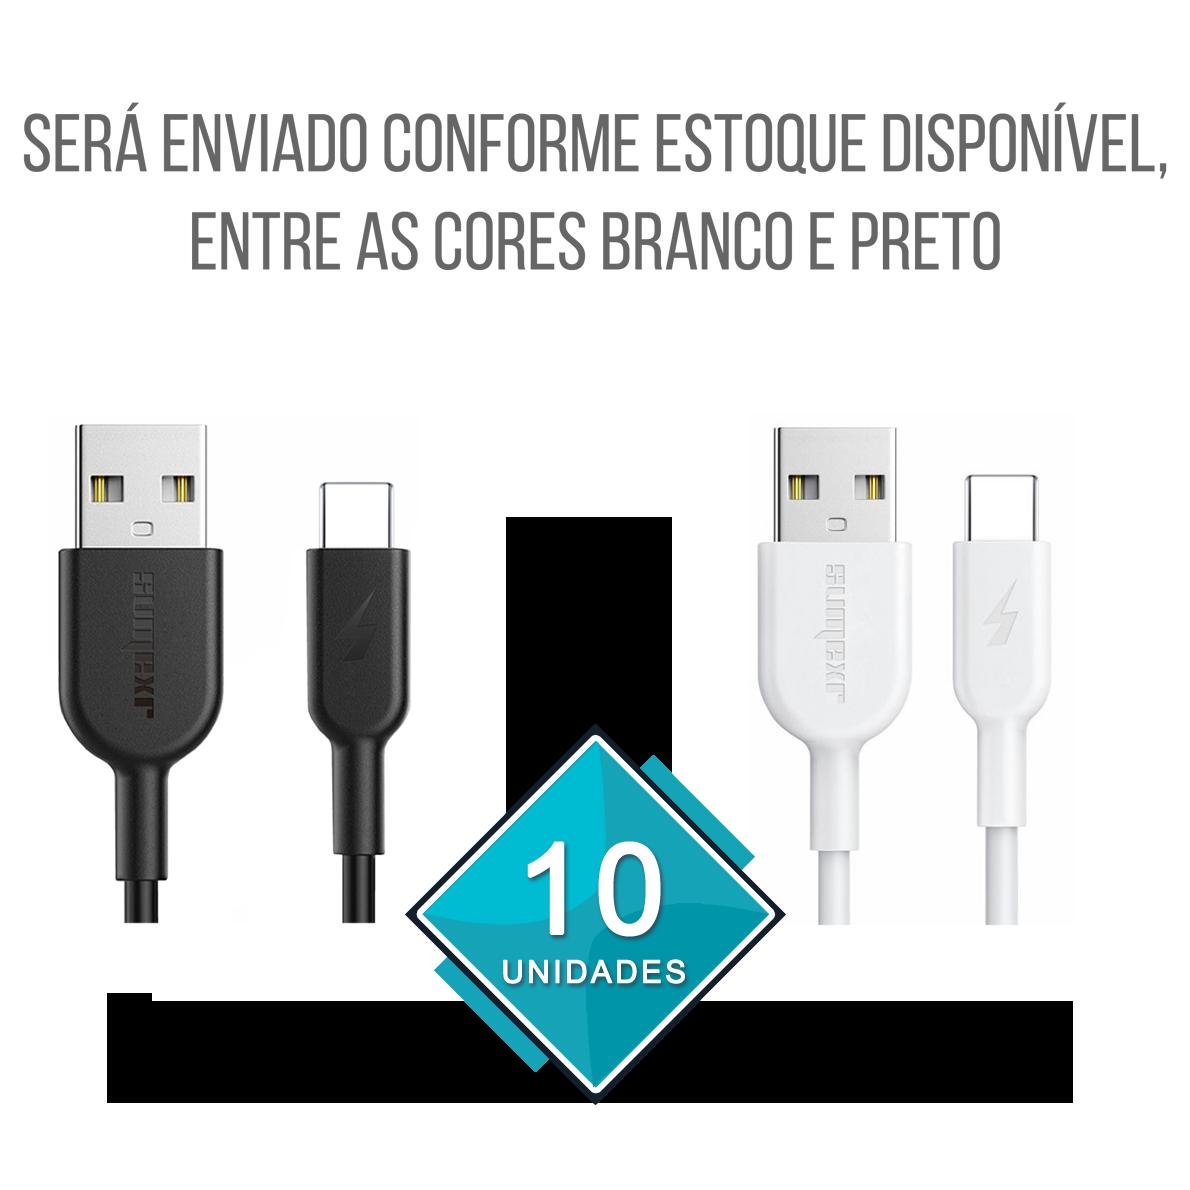 Kit 10x Cabo para Celular USB Tipo-C 2.4A 1 Metro Emborrachado e Resistente Sumexr SS-A1C